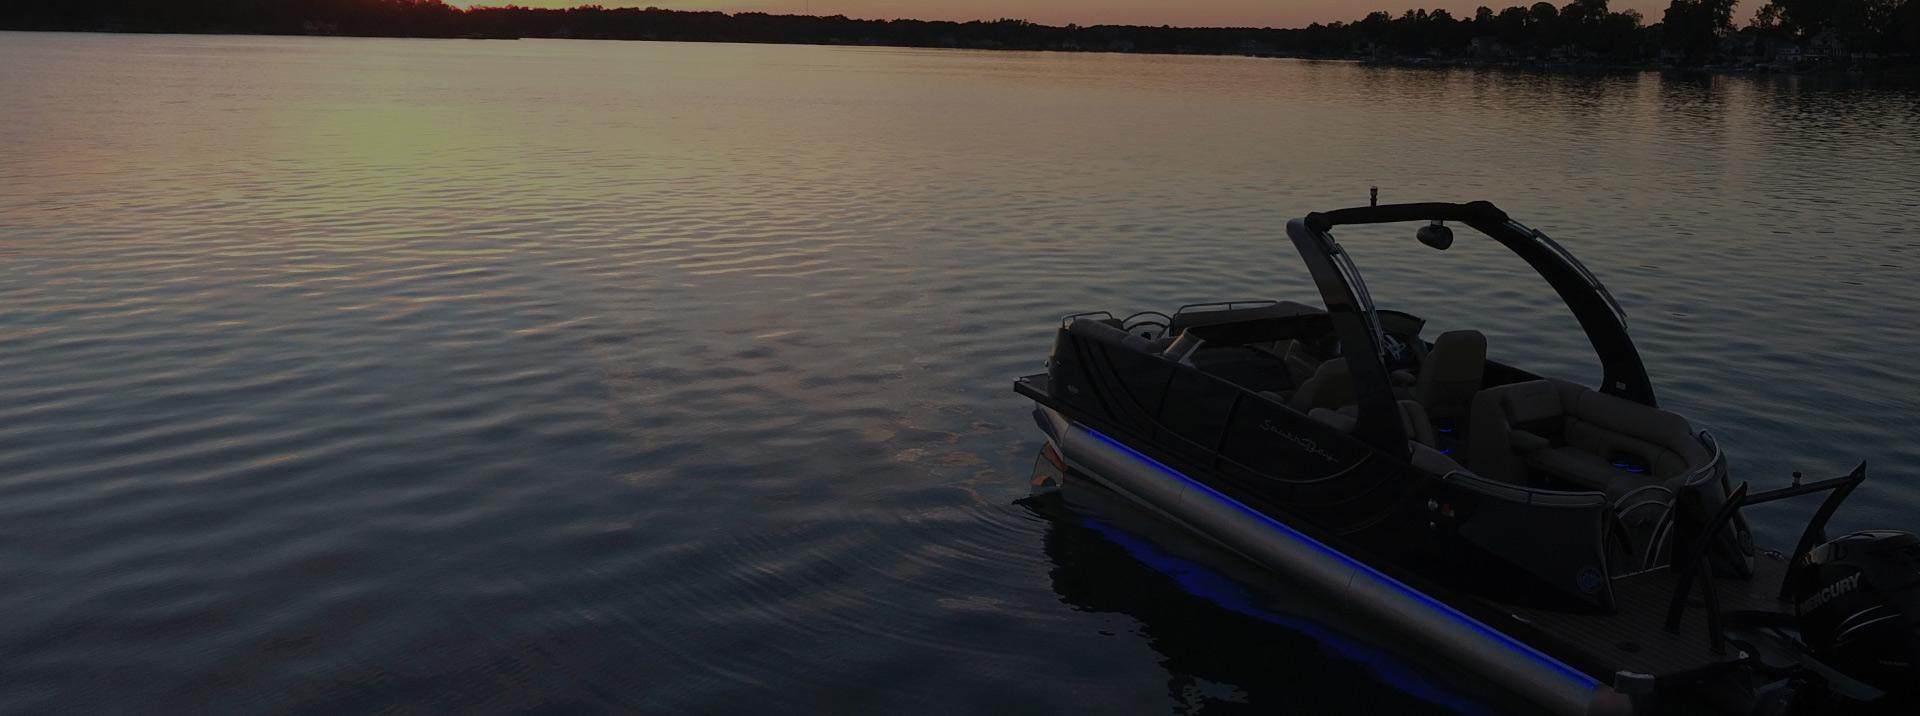 Home Buckeye Lake Marina Millersport, OH (740) 467-2697